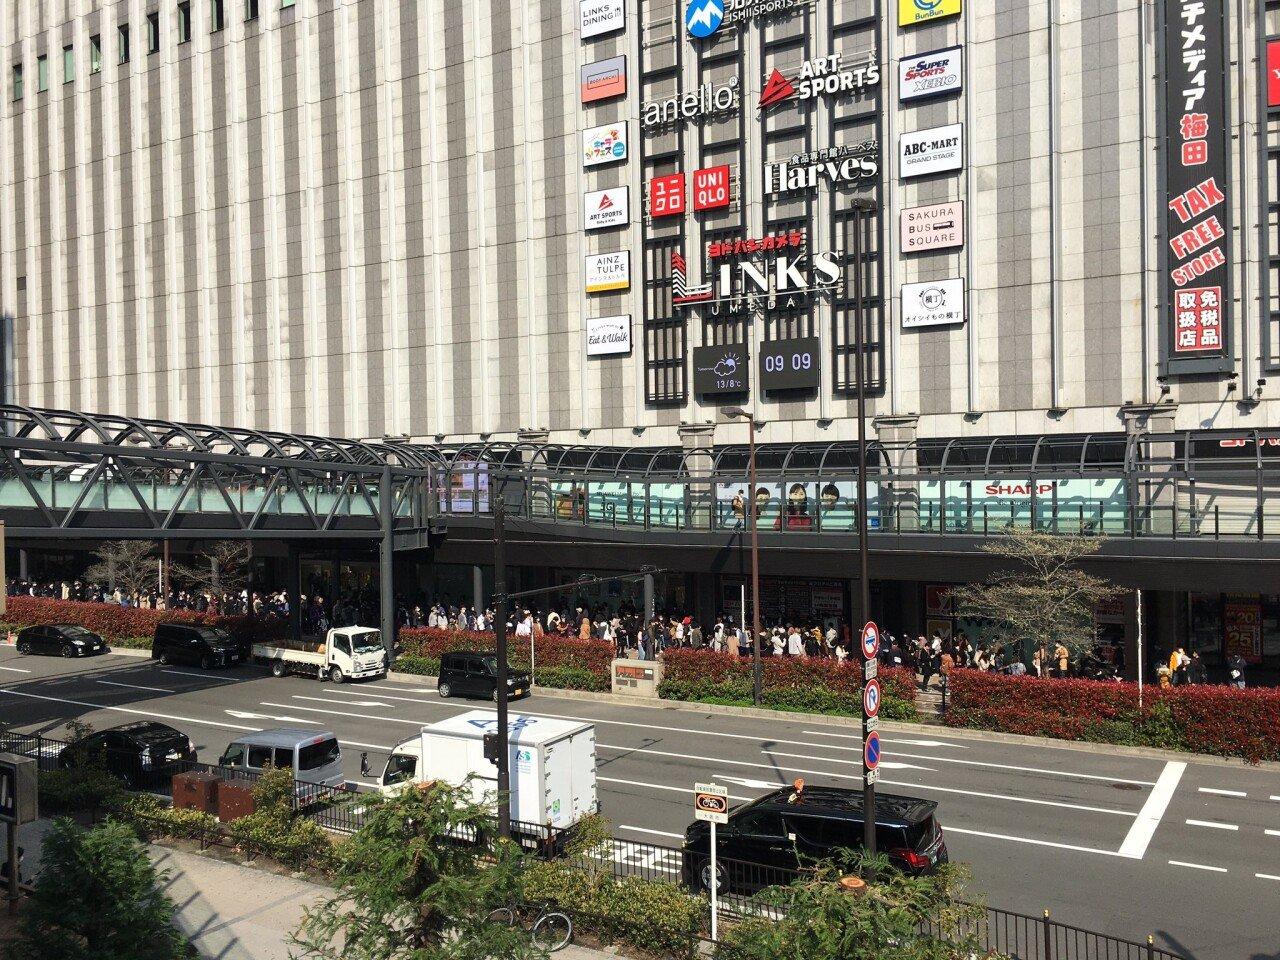 IMG_20200405_084956.jpg 어제 스위치 물량풀렸던 오사카 가전매장